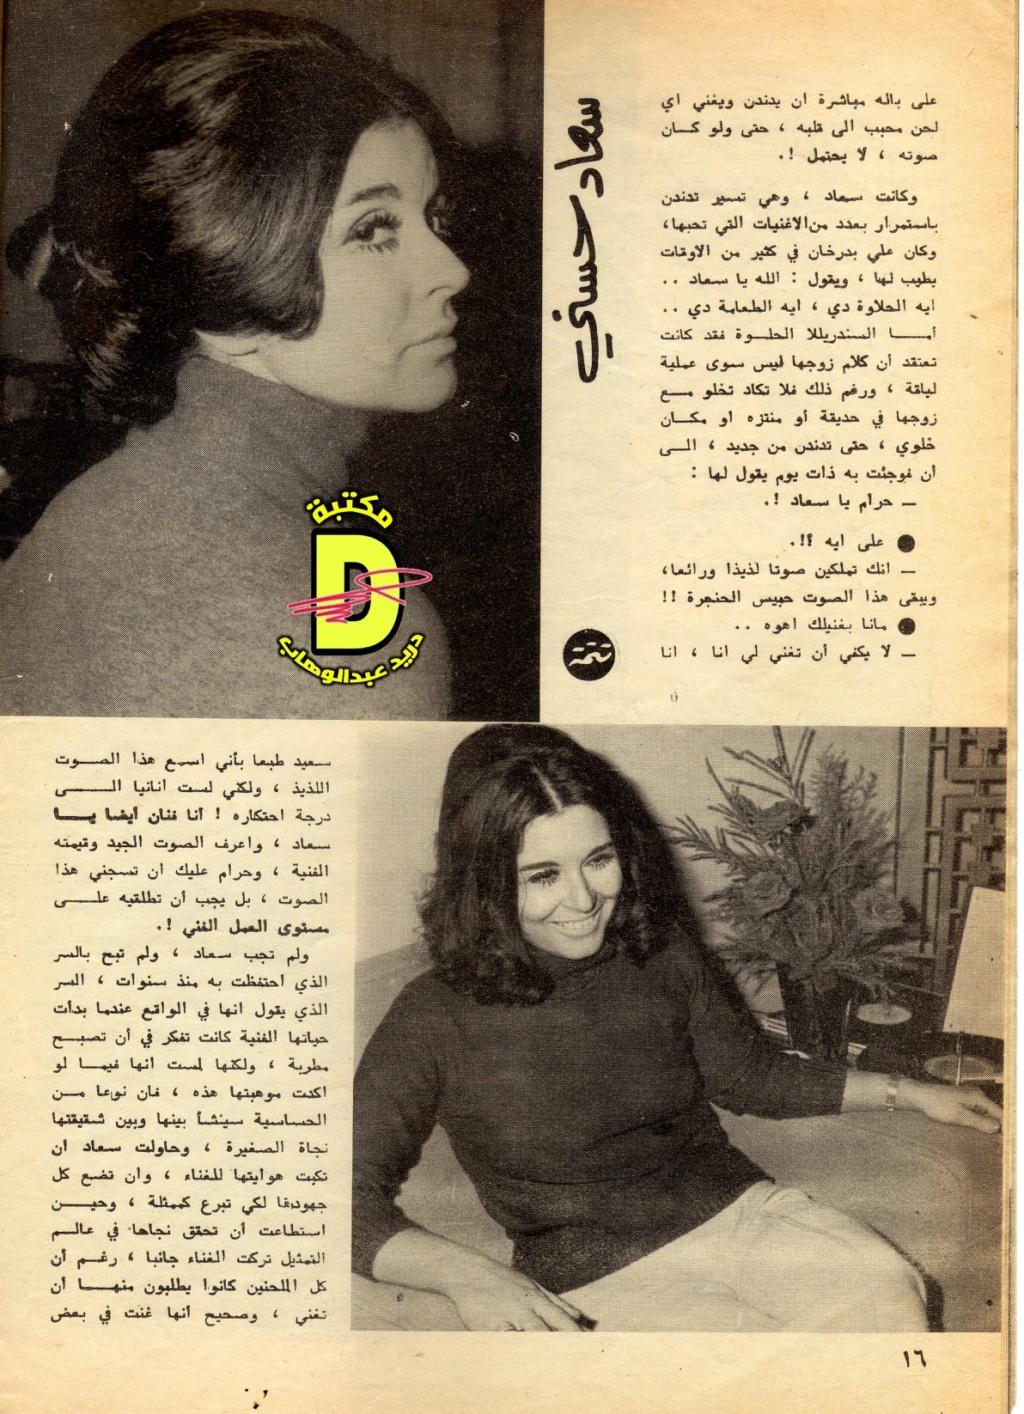 مقال صحفي : سعاد حسني تحولت بعد شهر العسل إلى مطربة ! 1973 م 323